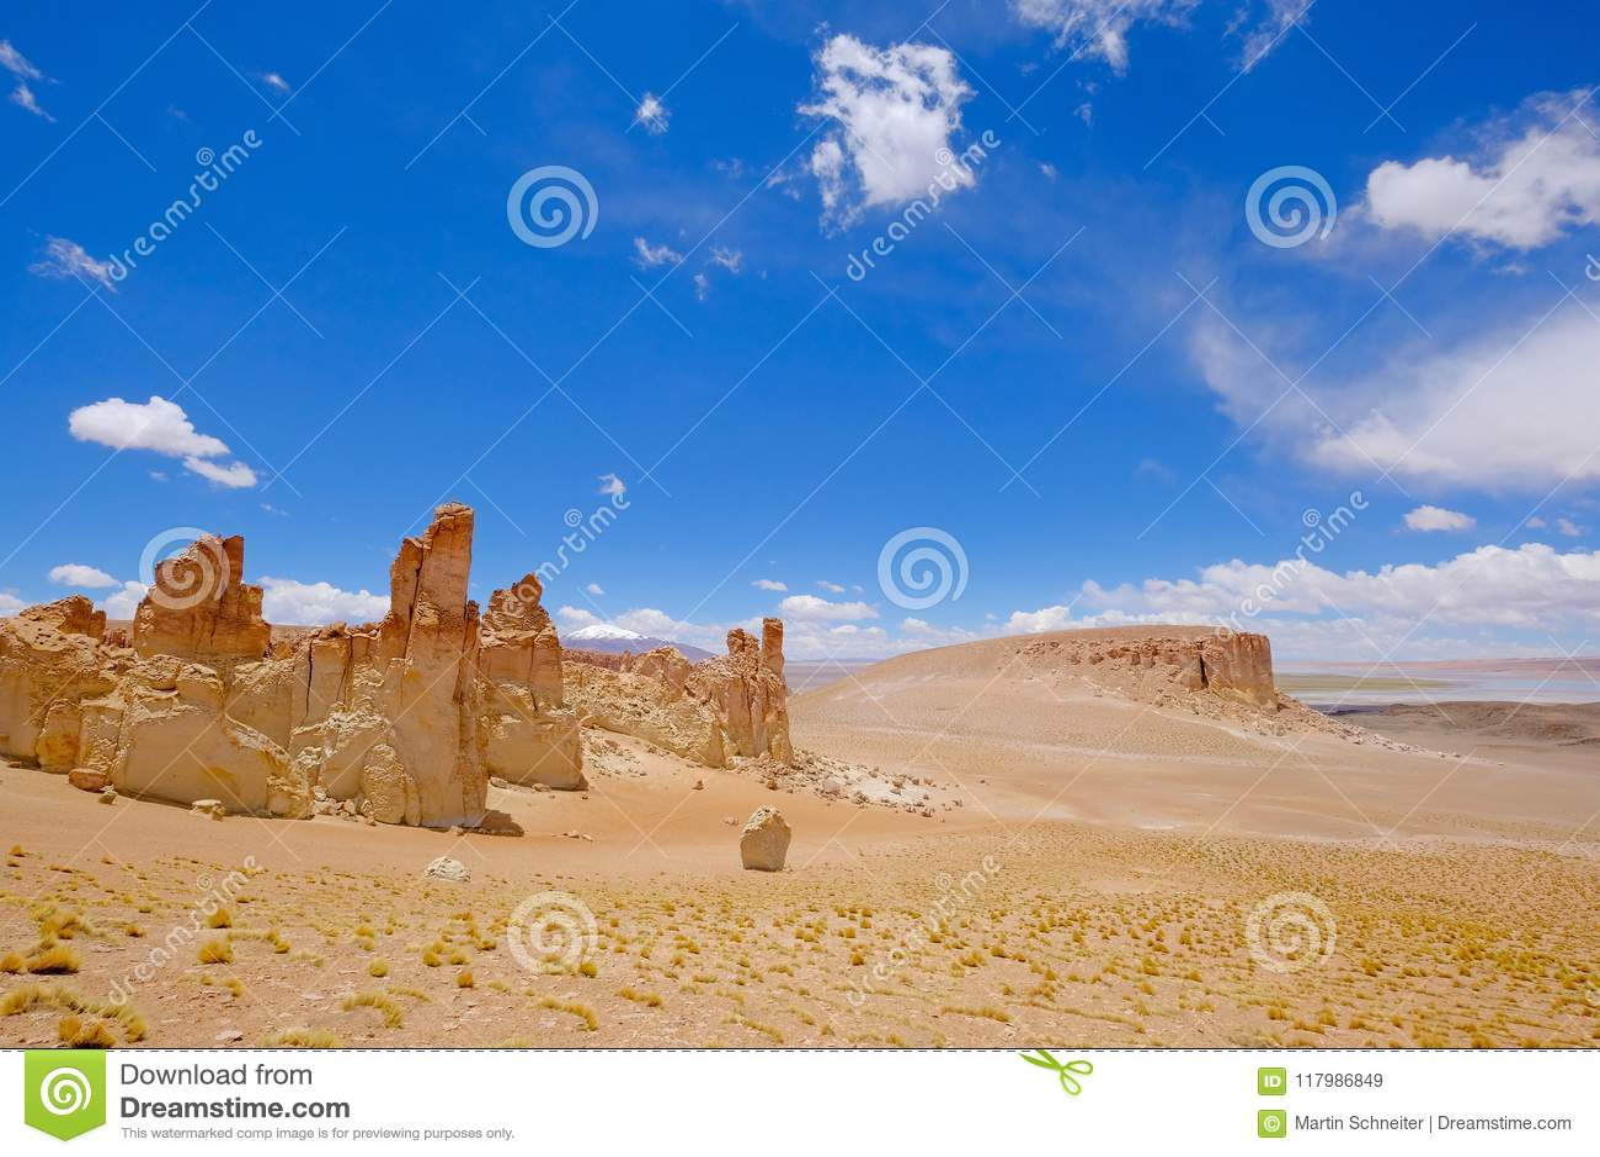 Monjes de piedra de Pacana de la formación, Monjes De La Pacana, la piedra india, cerca de Salar De Tara, reserva nacional de los